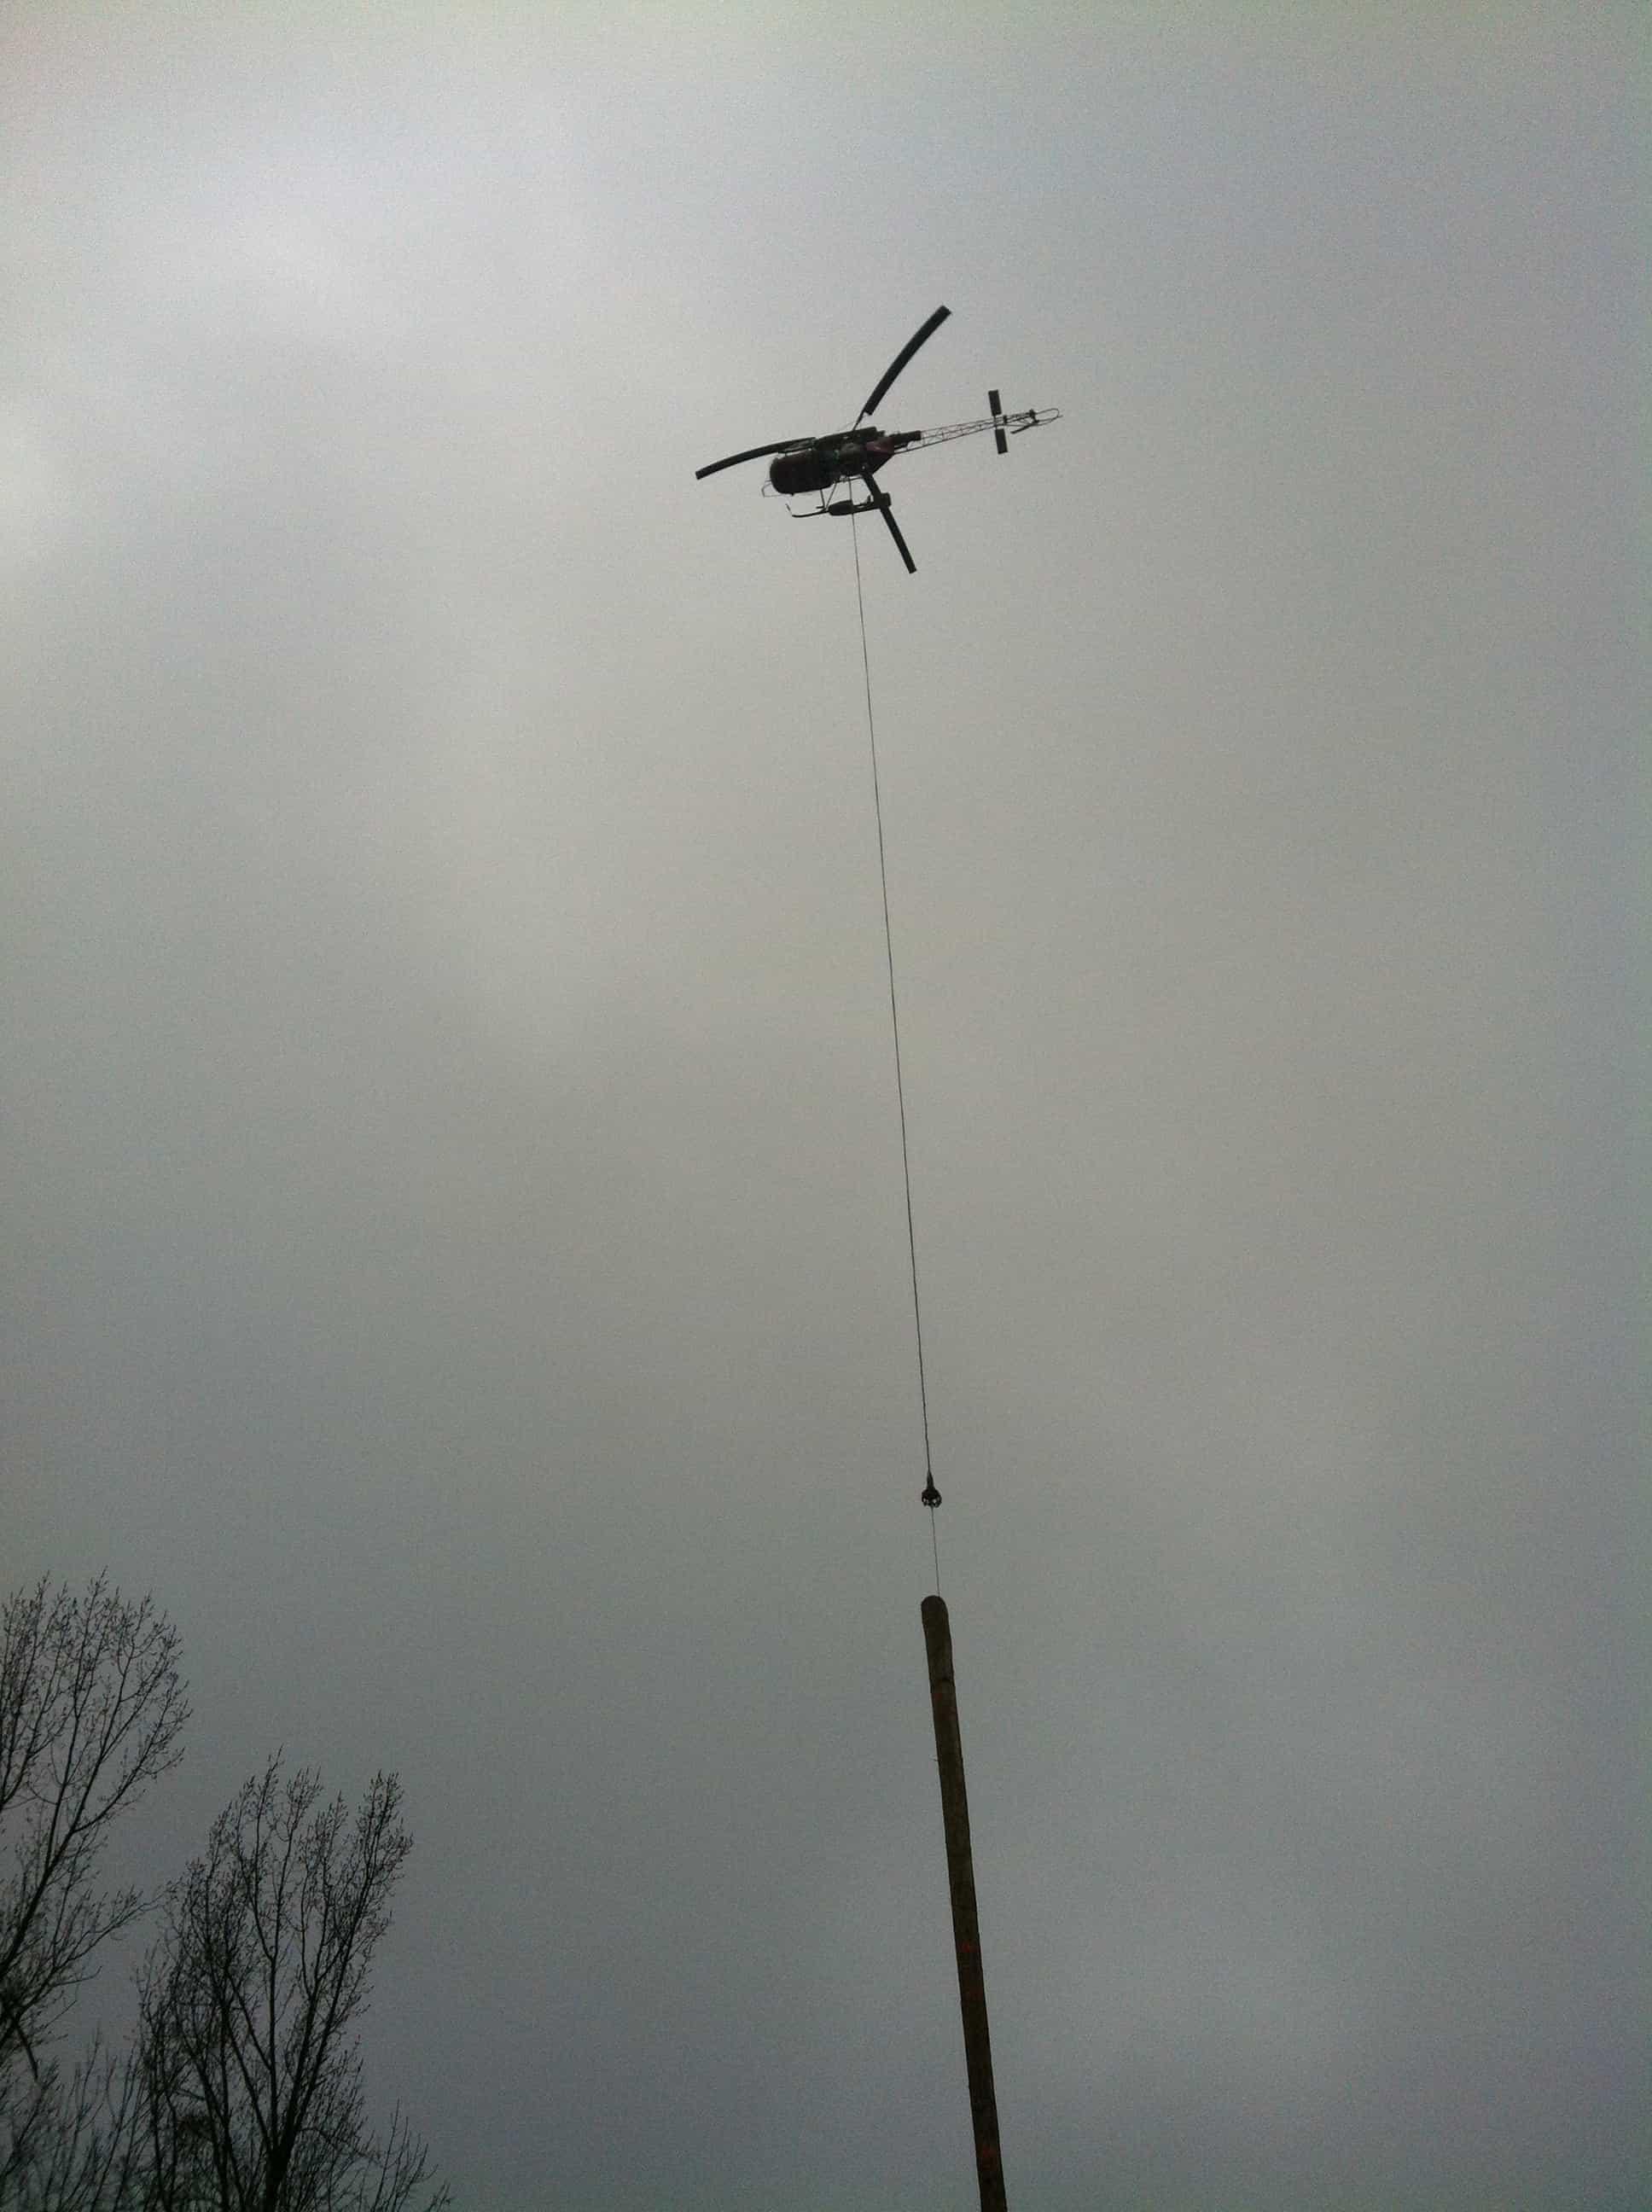 La suite de l'ouvrage étant particulièrement difficile d'accès, un hélicoptère a été nécessaire pour l'acheminement du bois